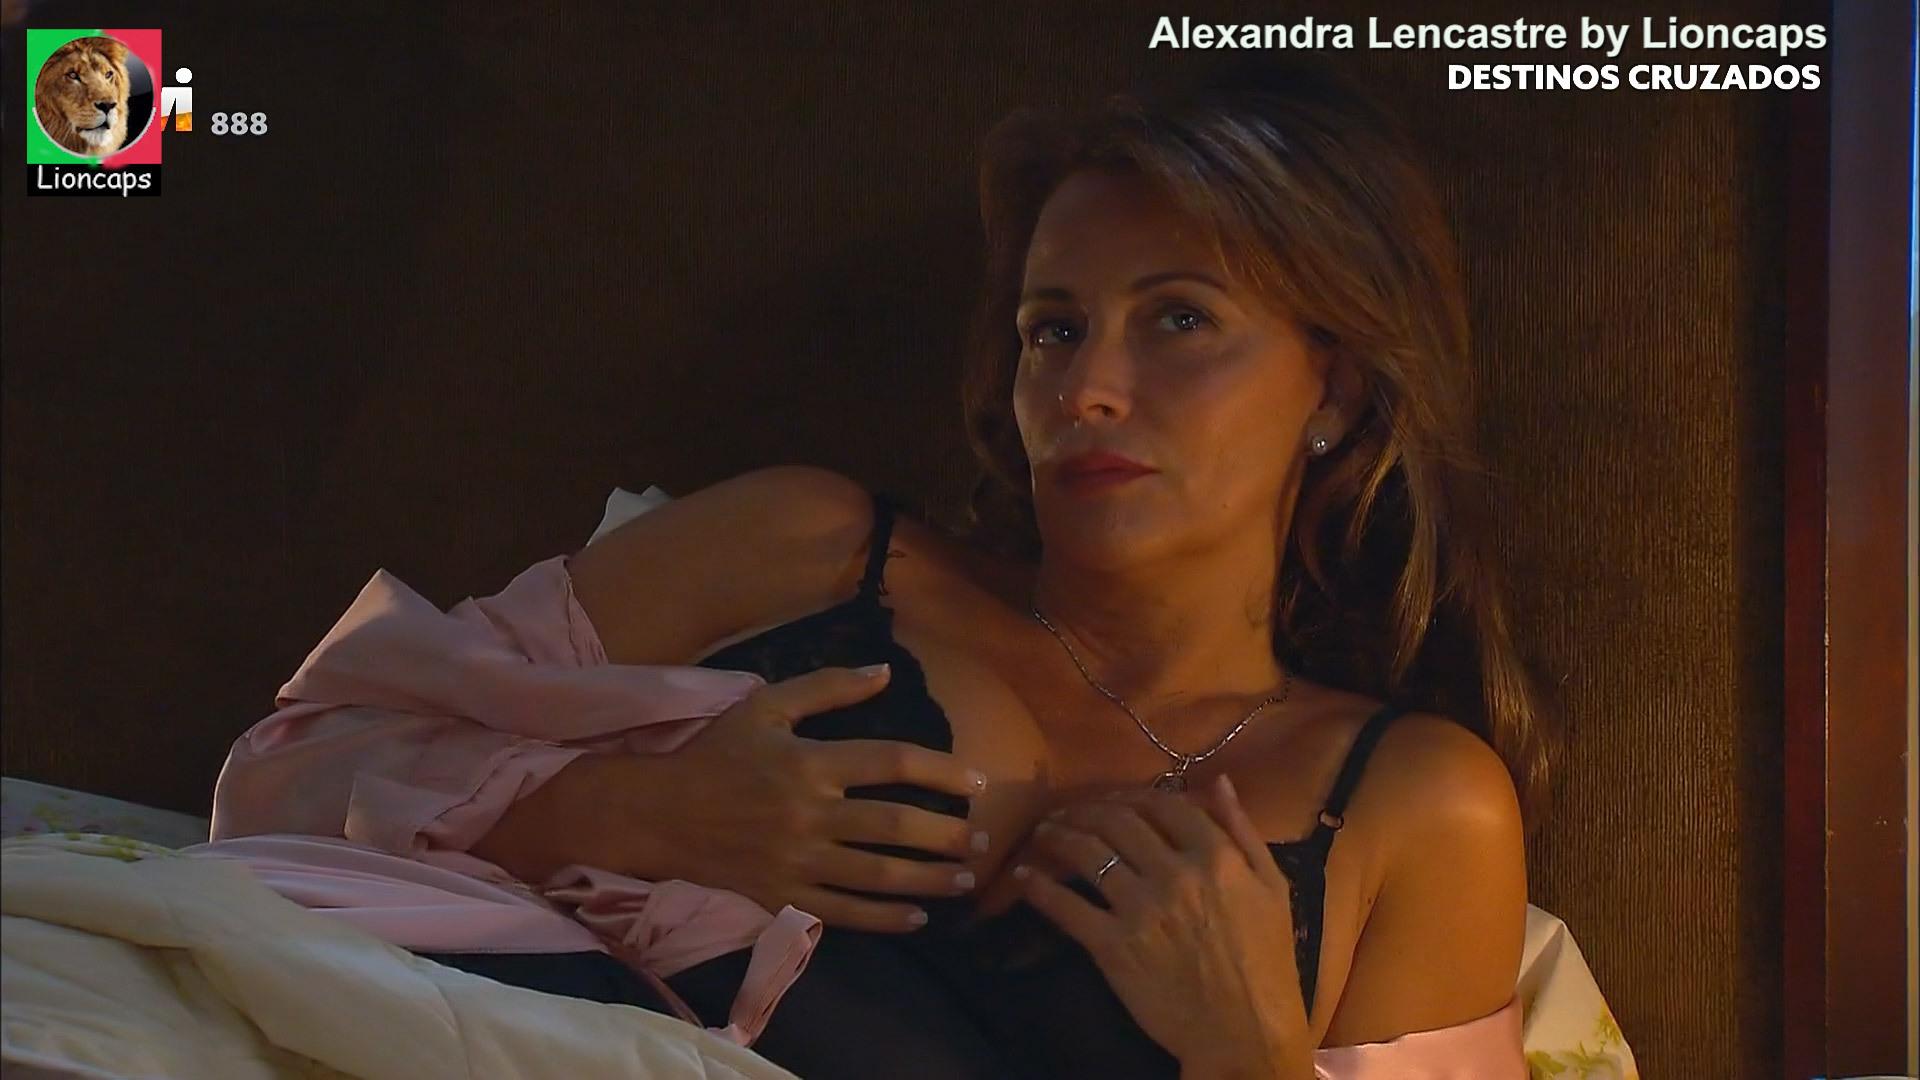 alexandra_lencastre_destinos (16).jpg